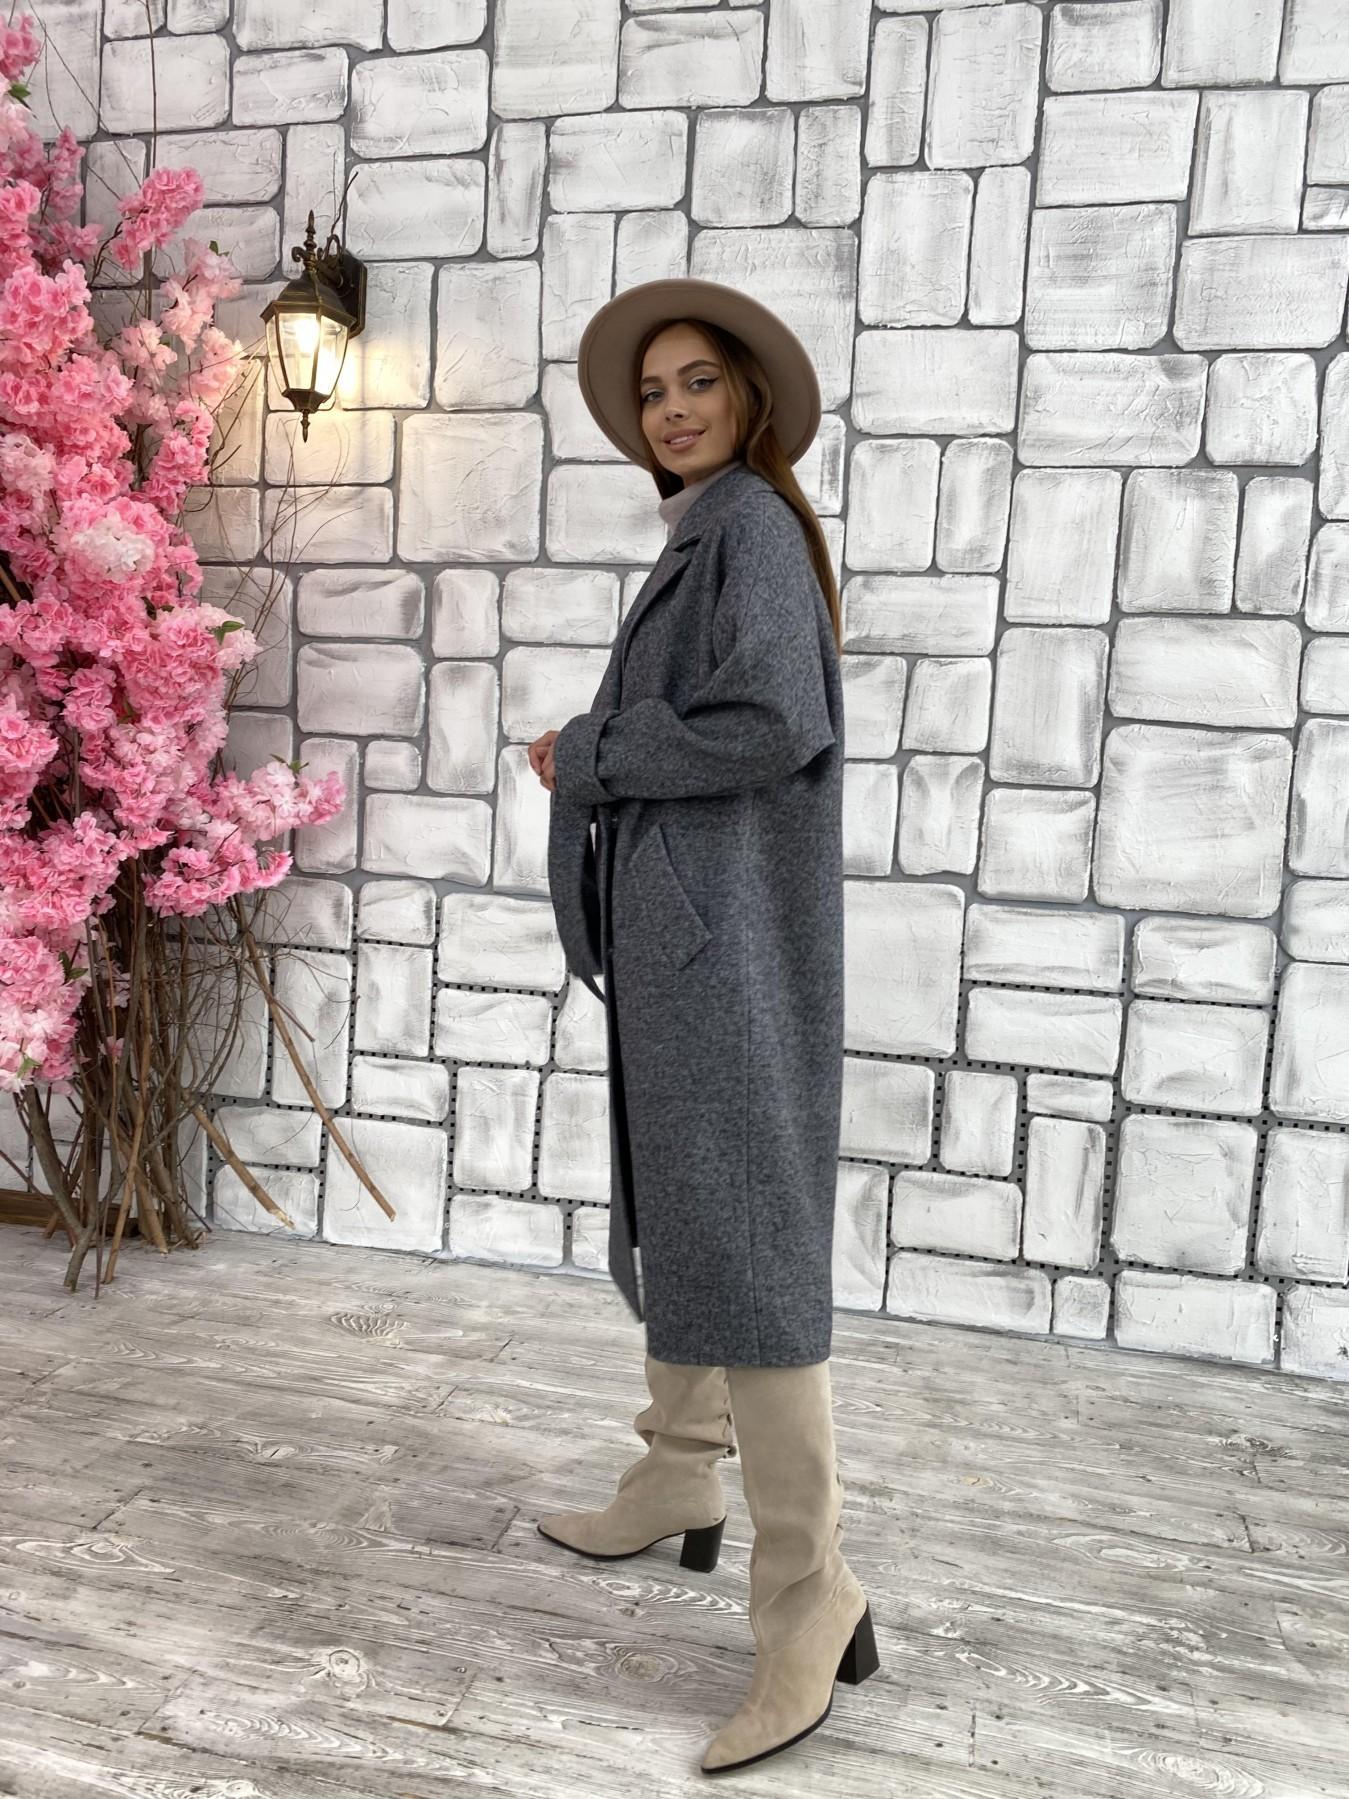 Влада шерсть варенка ткань пальто 11639 АРТ. 48351 Цвет: Серый темный 5 - фото 3, интернет магазин tm-modus.ru